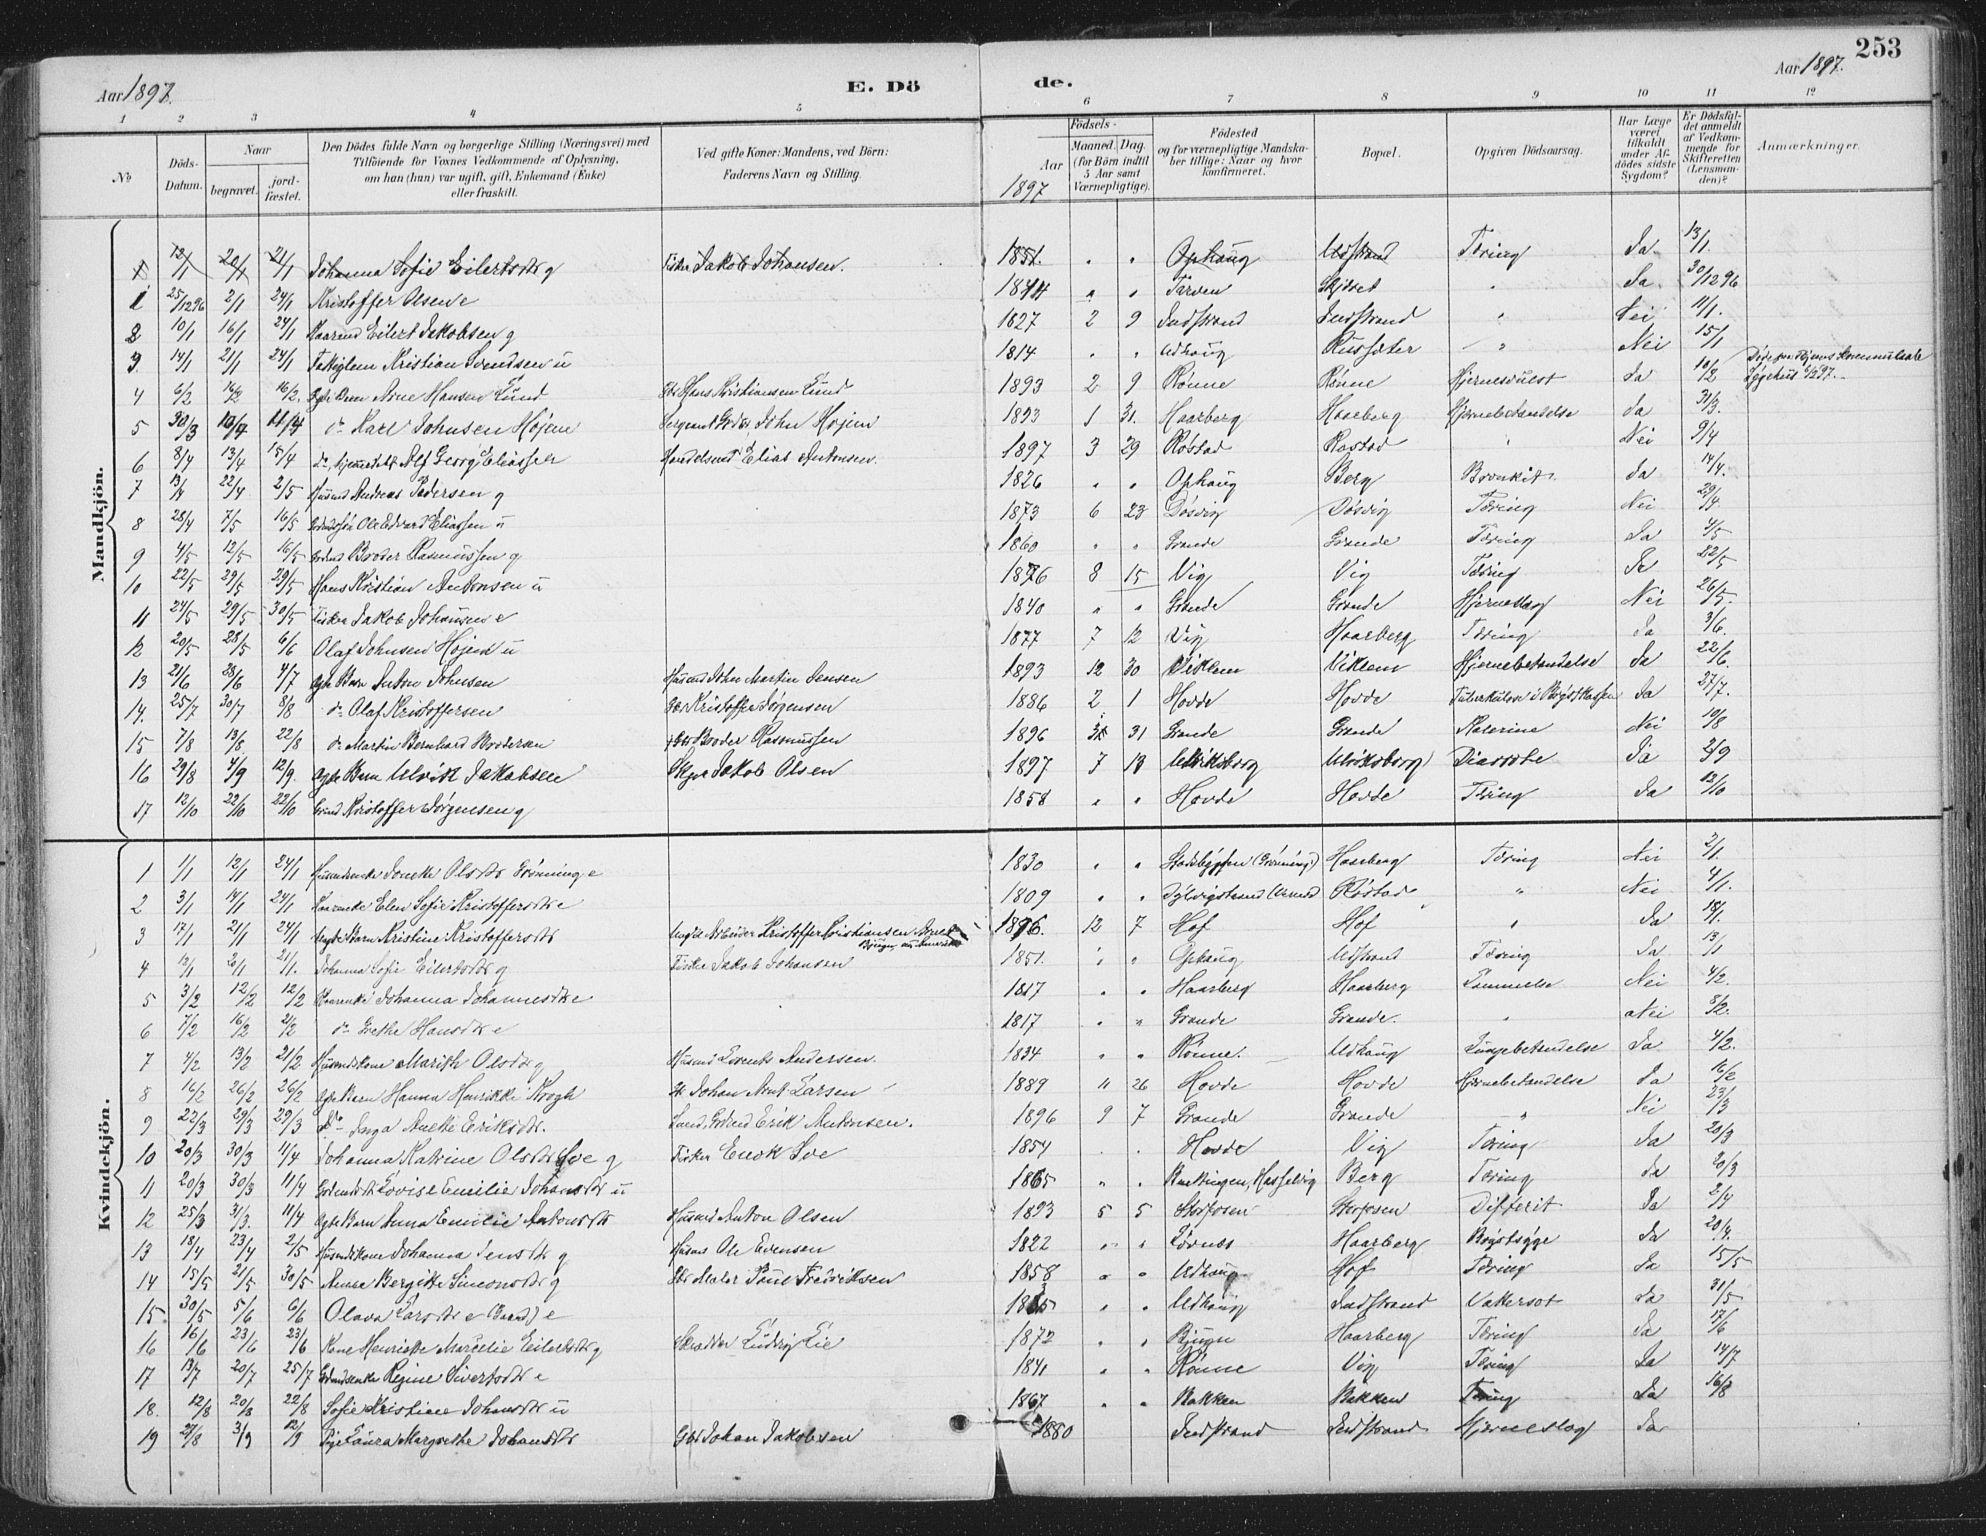 SAT, Ministerialprotokoller, klokkerbøker og fødselsregistre - Sør-Trøndelag, 659/L0743: Ministerialbok nr. 659A13, 1893-1910, s. 253